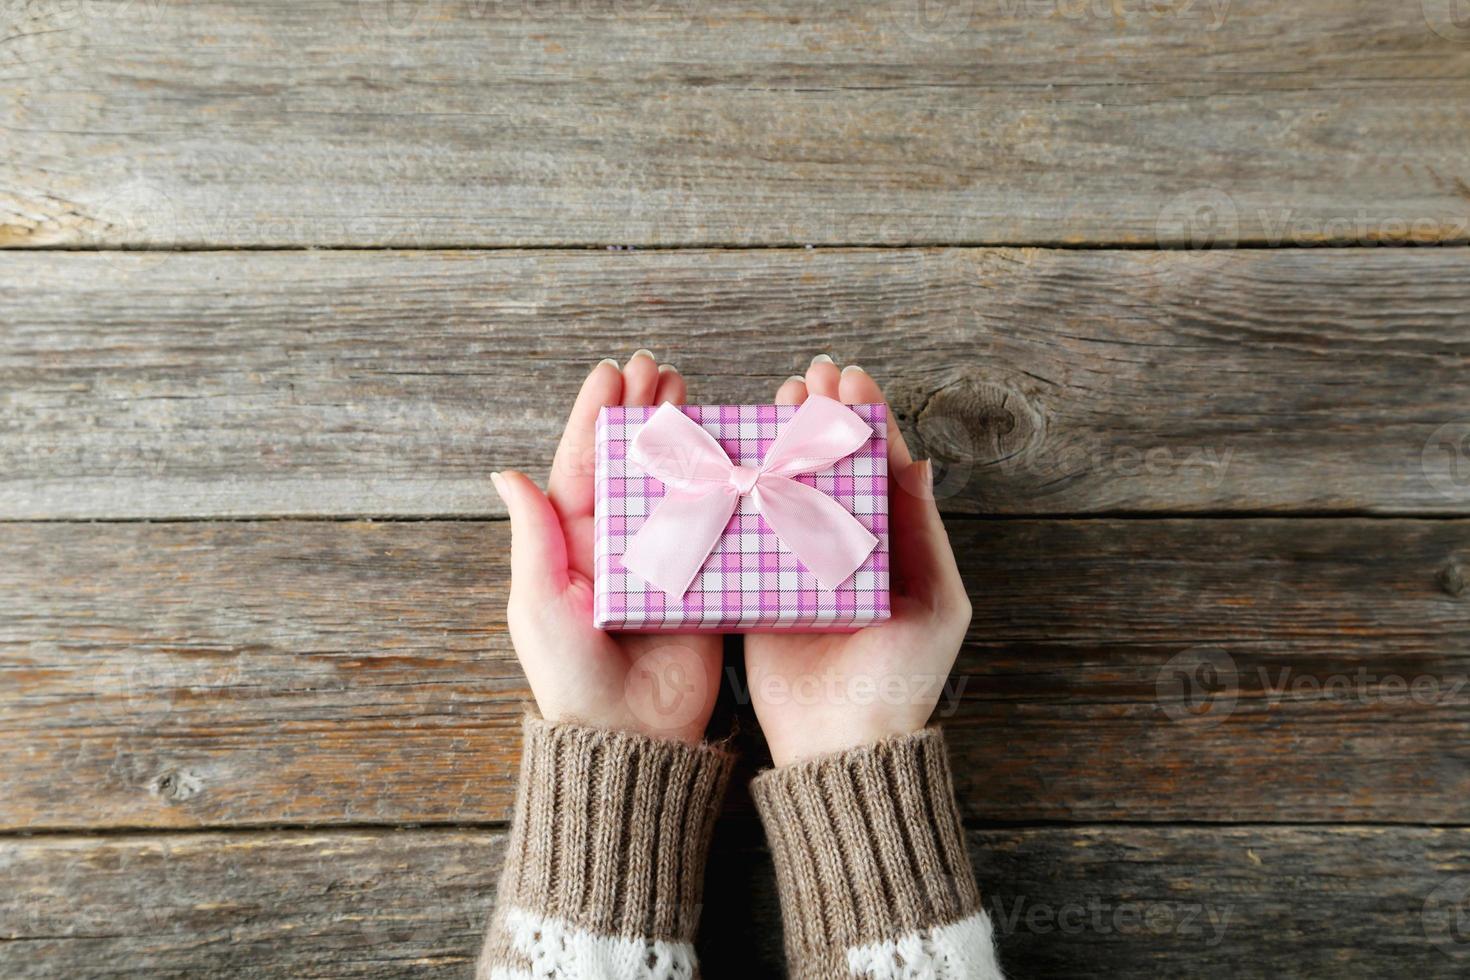 femininas mãos segurando uma caixa de presente com fundo cinza de madeira foto